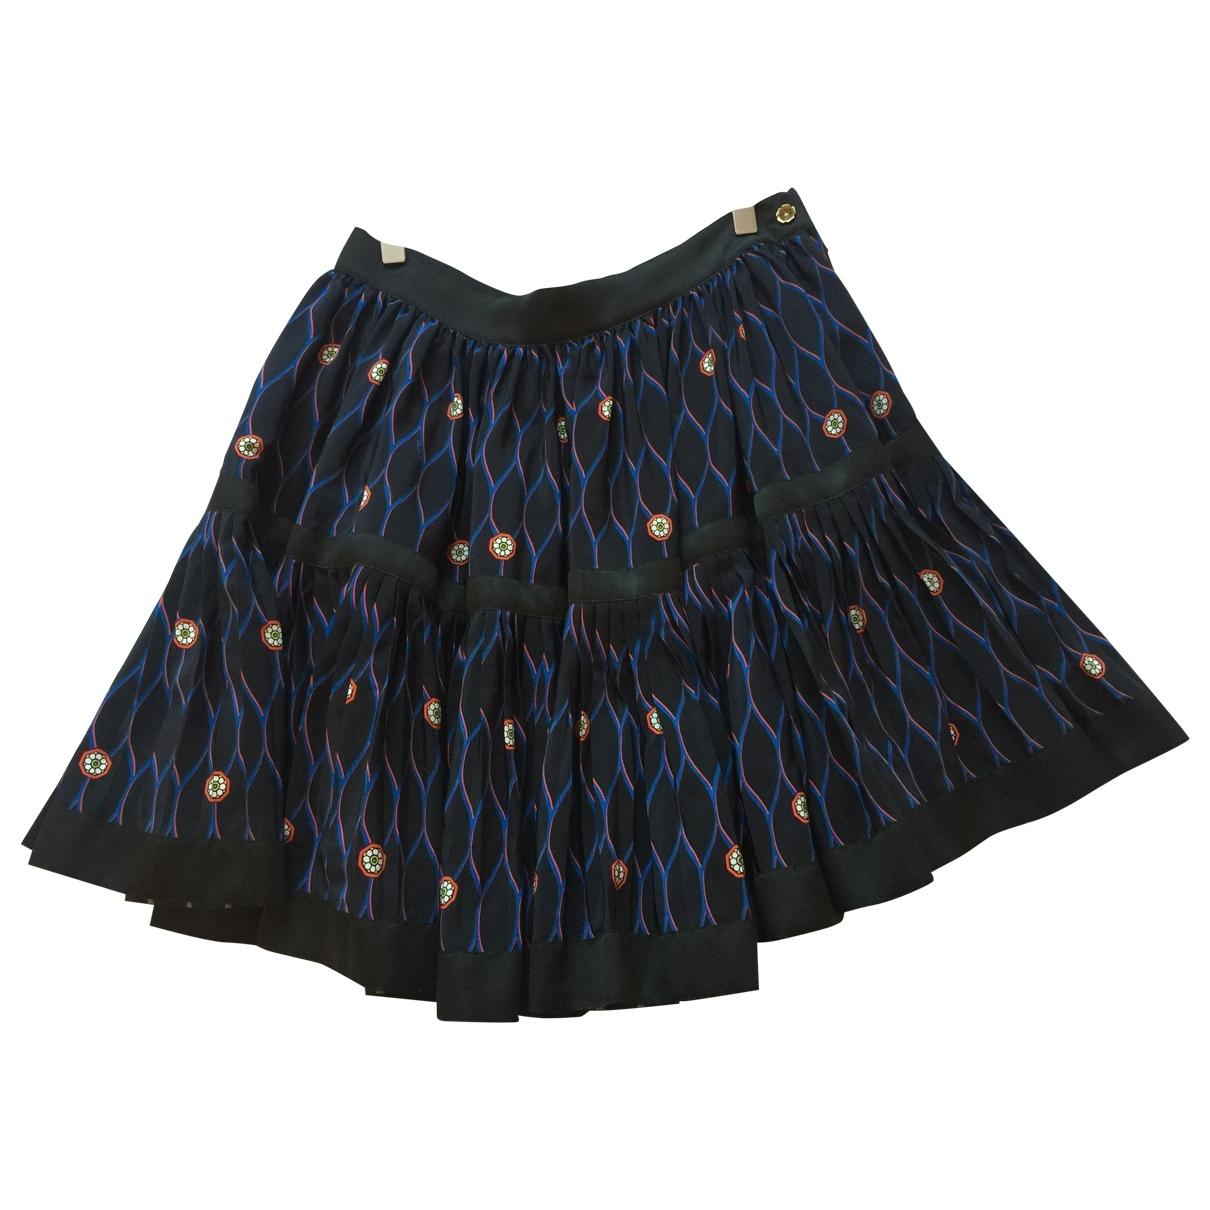 Kenzo X H&m - Jupe   pour femme en soie - multicolore